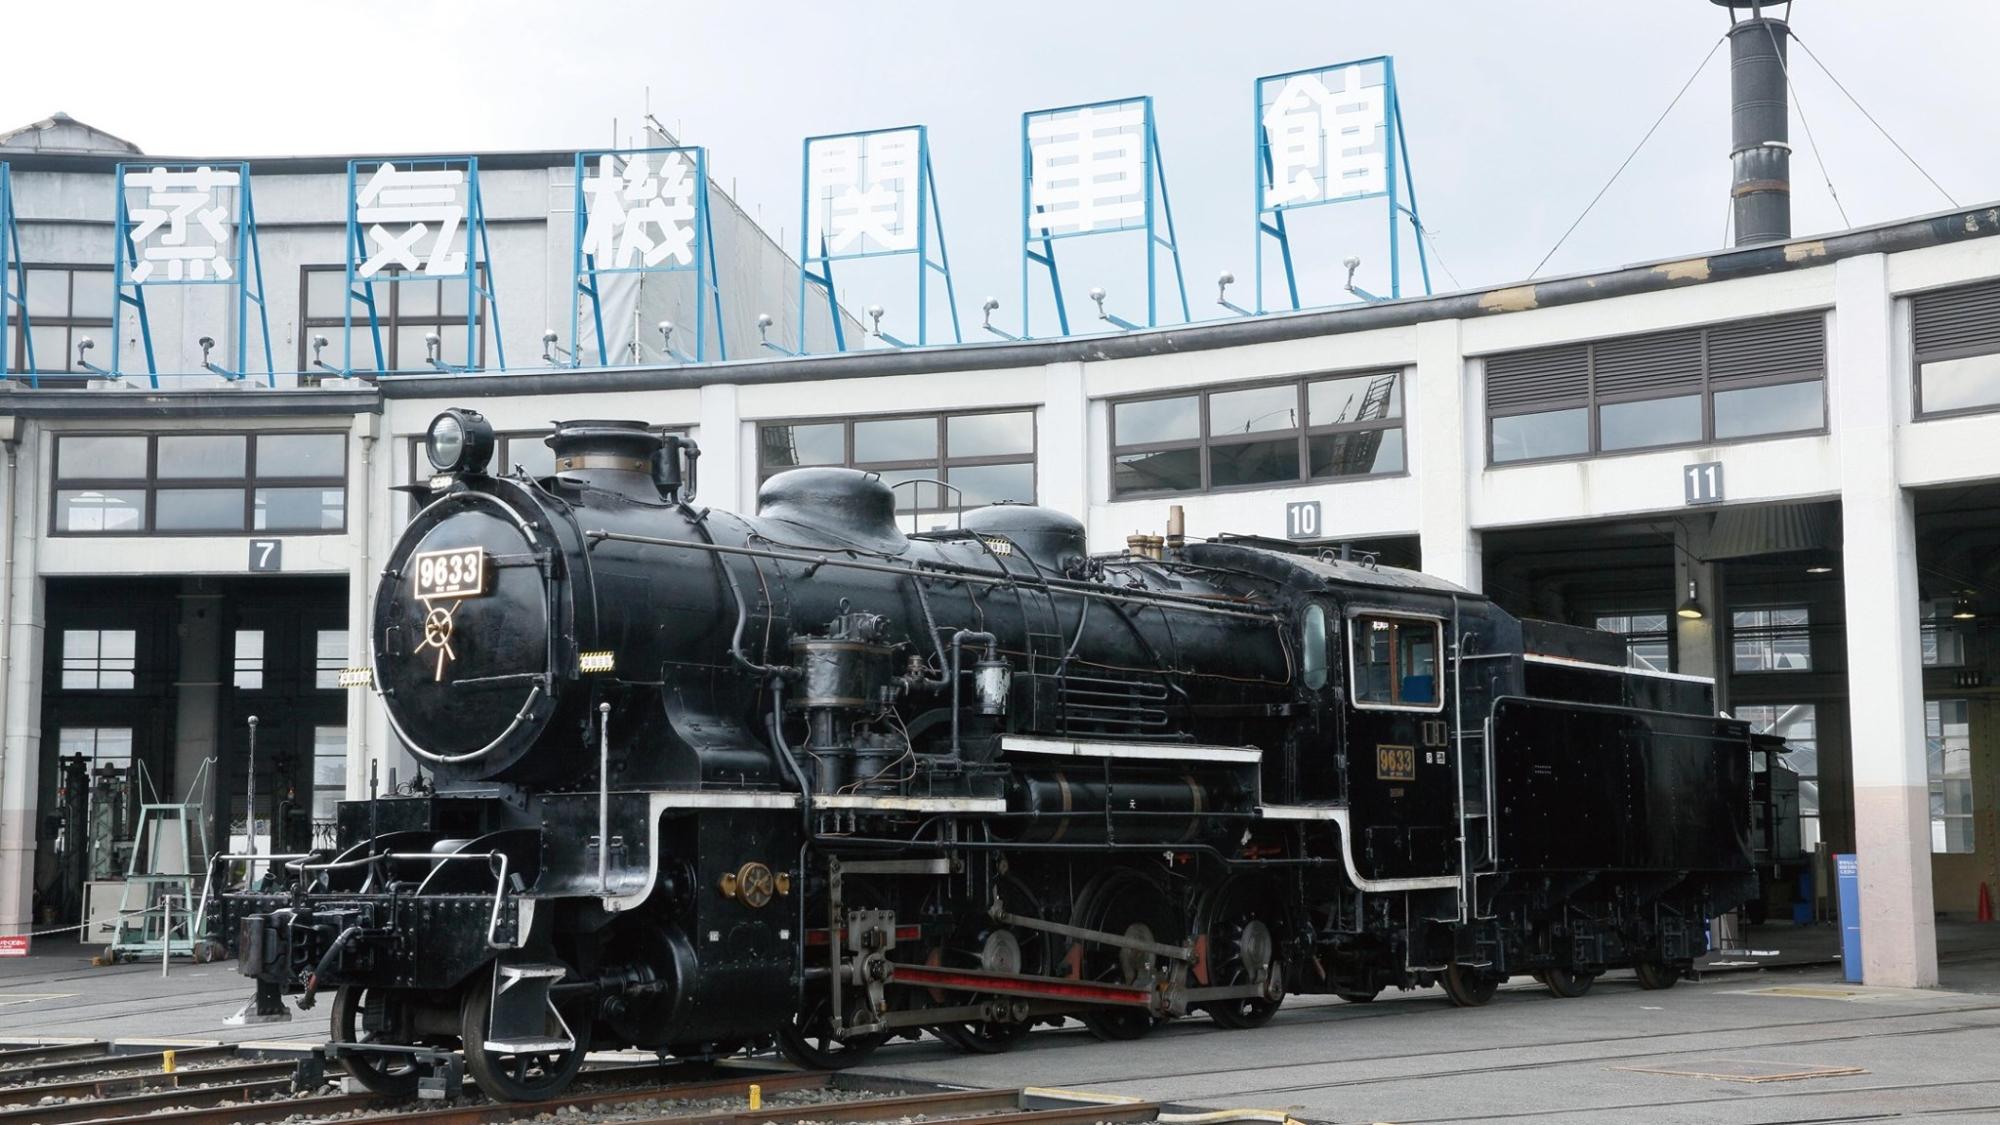 日本京都鐵道博物館將於15日重新開放。(圖/翻攝自京都鐵道博物館粉專)